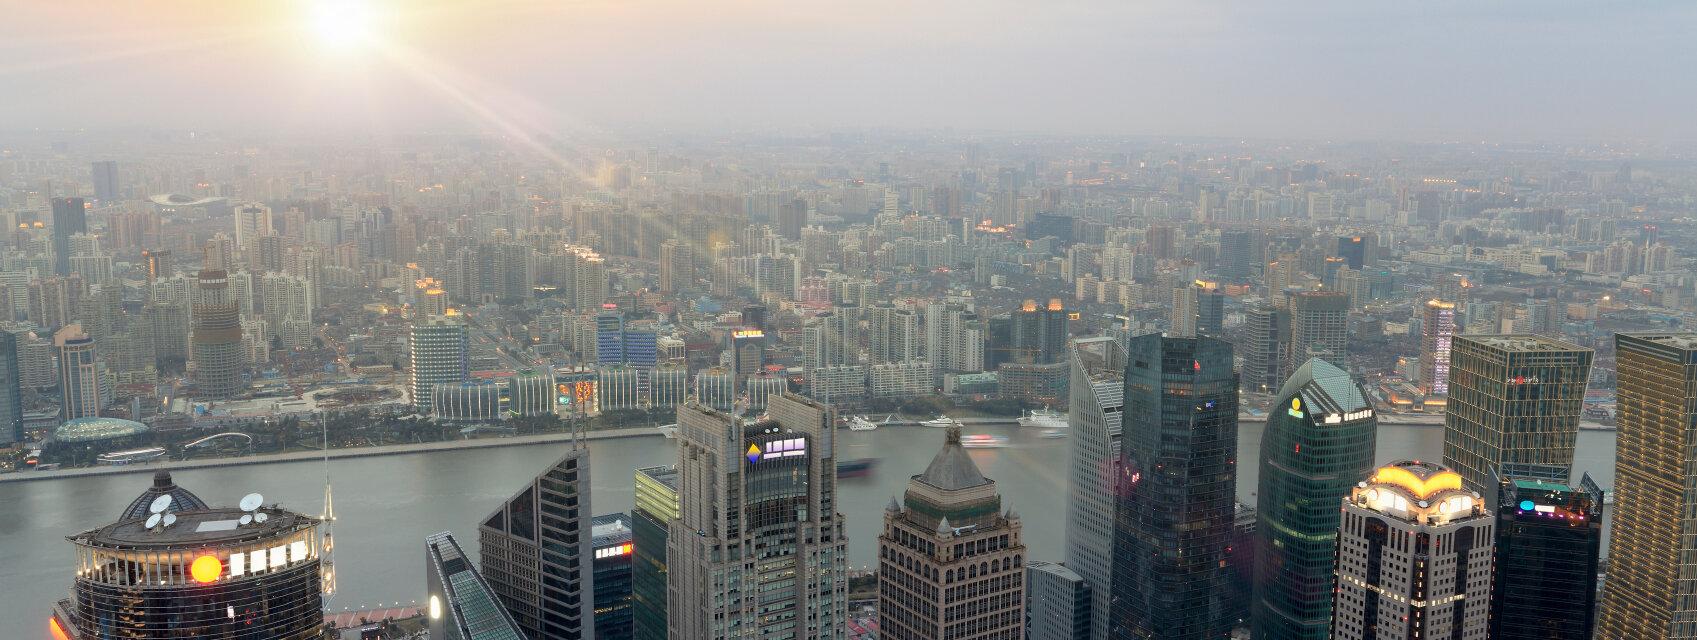 Поиск отелей в Шанхае